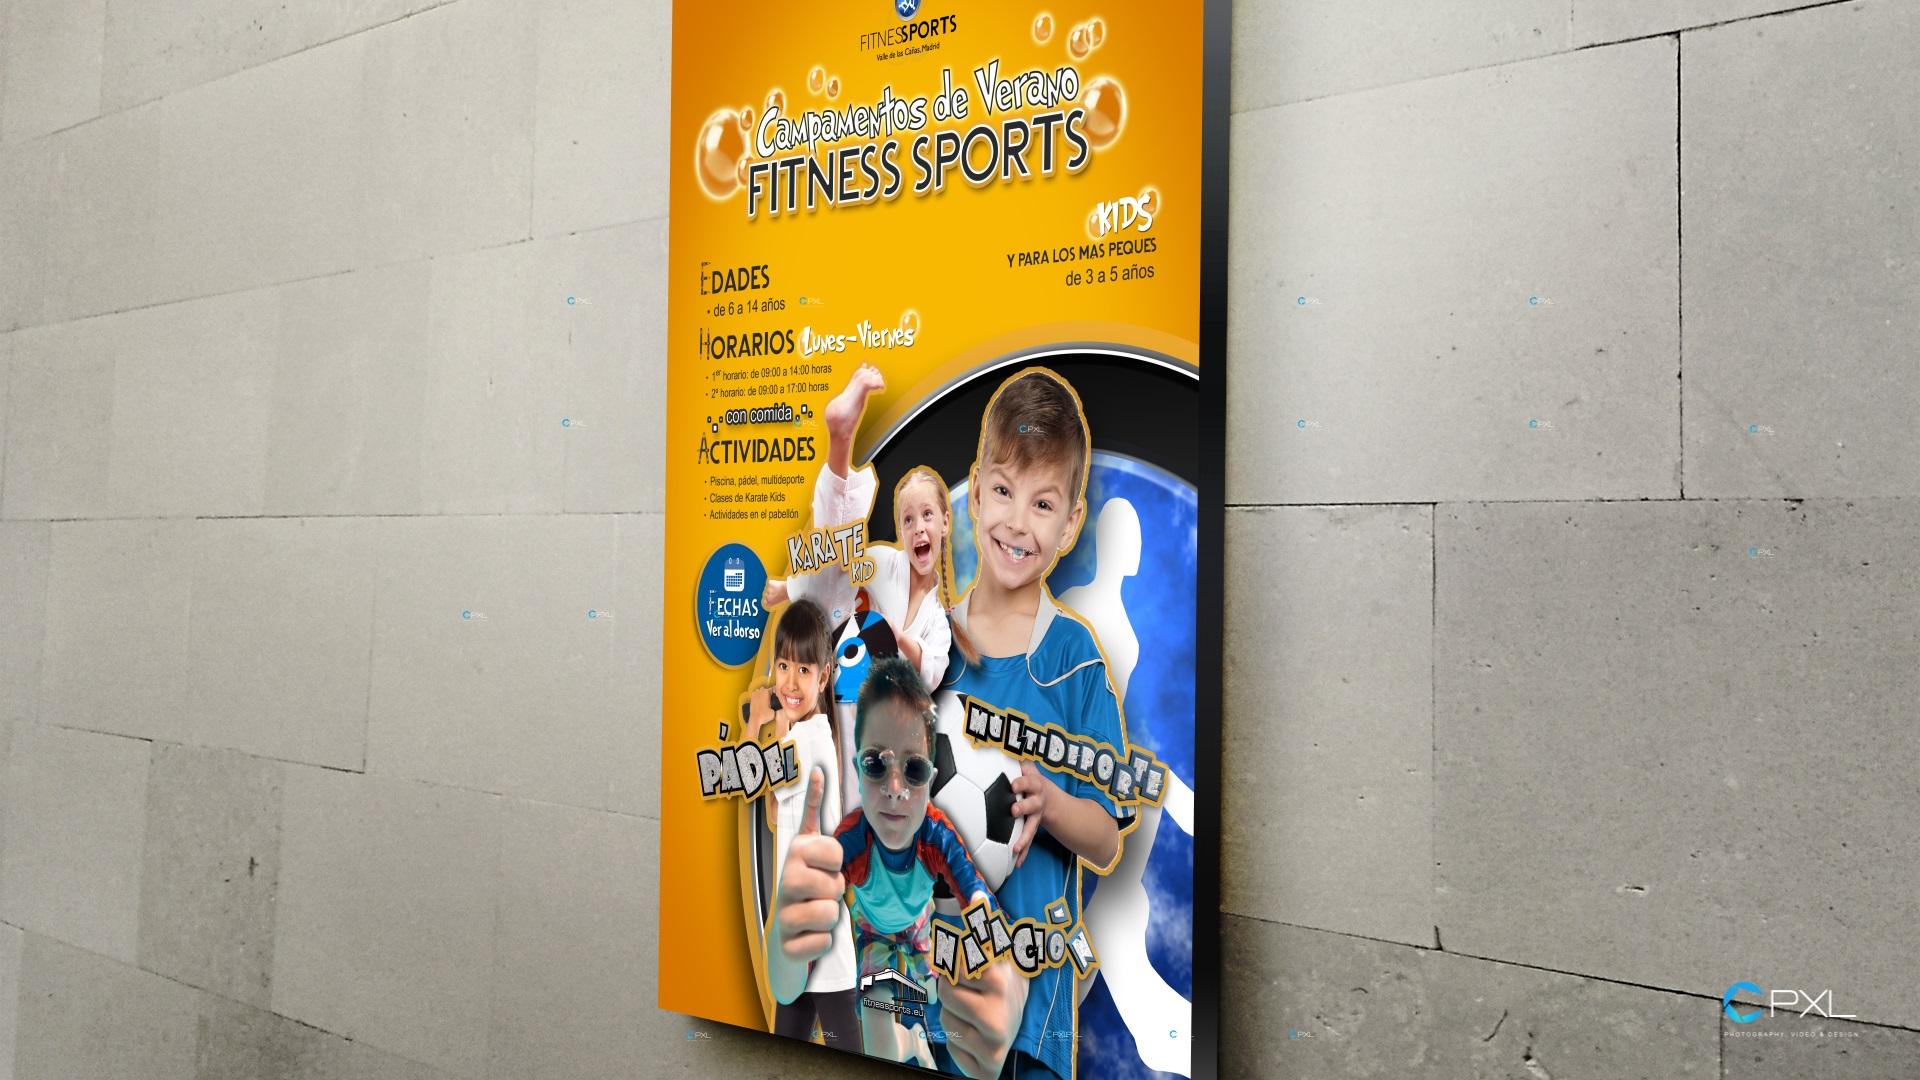 Campaña para campamentos de verano en Madrid (Fitness Sports Valle de las Cañas)